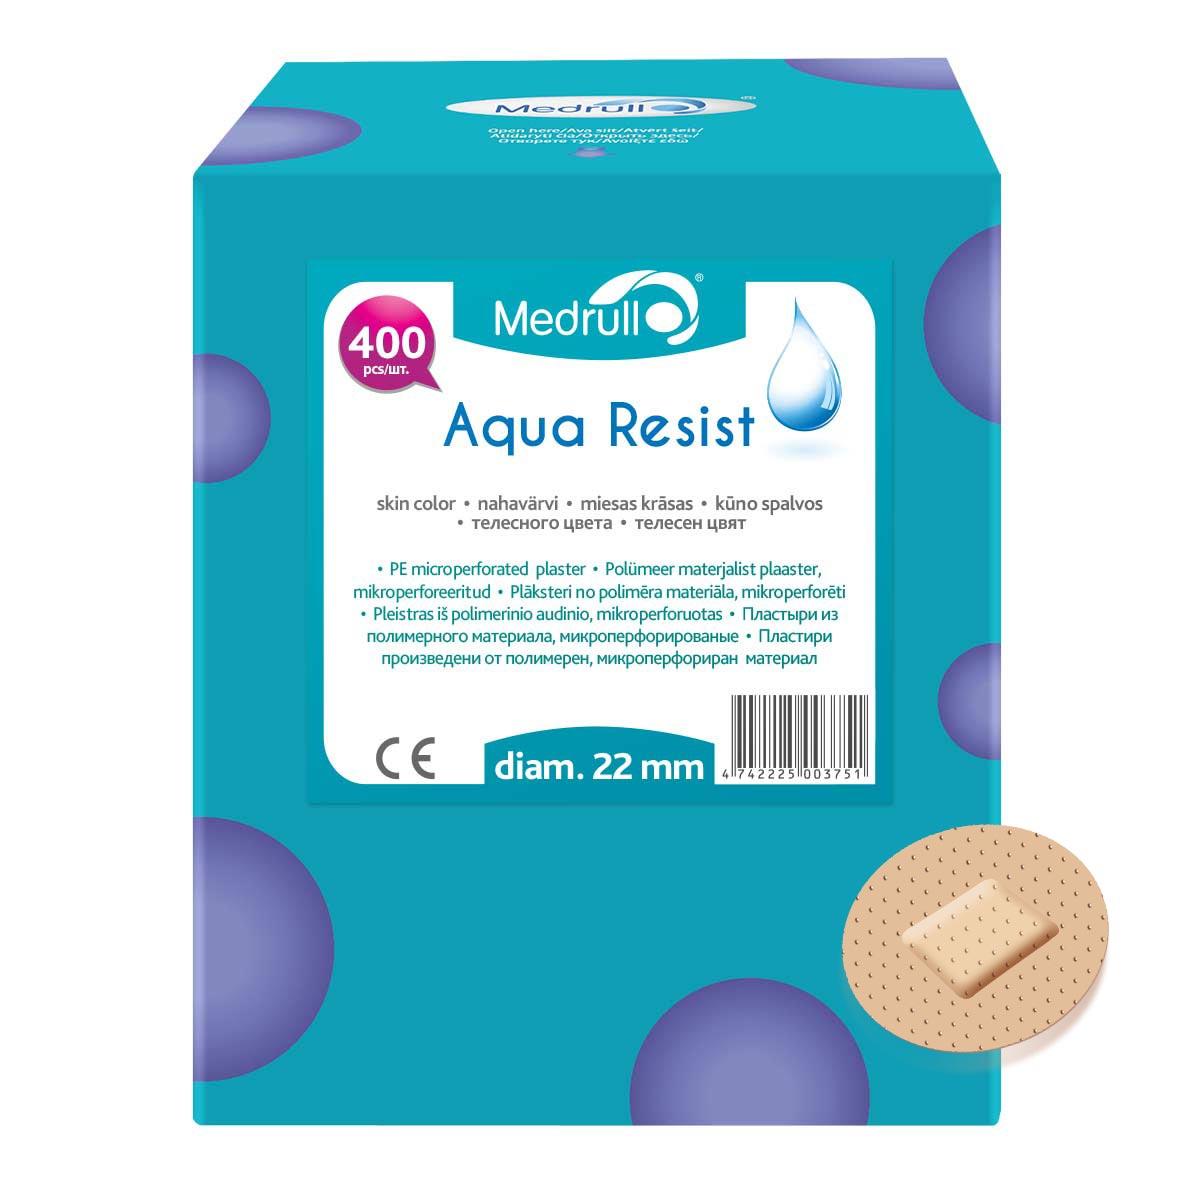 Medrull Набор пластырей Aqua Resist, диаметр 2,2 см, №40003102216Универсальные пластыри удобно и легко защитят рану от попадания влаги и грязи. Изготовлены из тонкого, перфорированного, полимерного материала, благодаря перфорации не препятствуют доступу воздуха к коже. Свойства пластыря: водонепроницаемые, грязенепроницаемые, гипоаллергенные, эластичные, дышащие, плотно прилегающие. Абсорбирующая подушечка изготовлена из вискозы и обладает высокой впитываемостью. Верхняя часть подушечки обработана полипропиленом, что защищает от вероятности прилипания пластыря к поврежденной поверхности кожи.